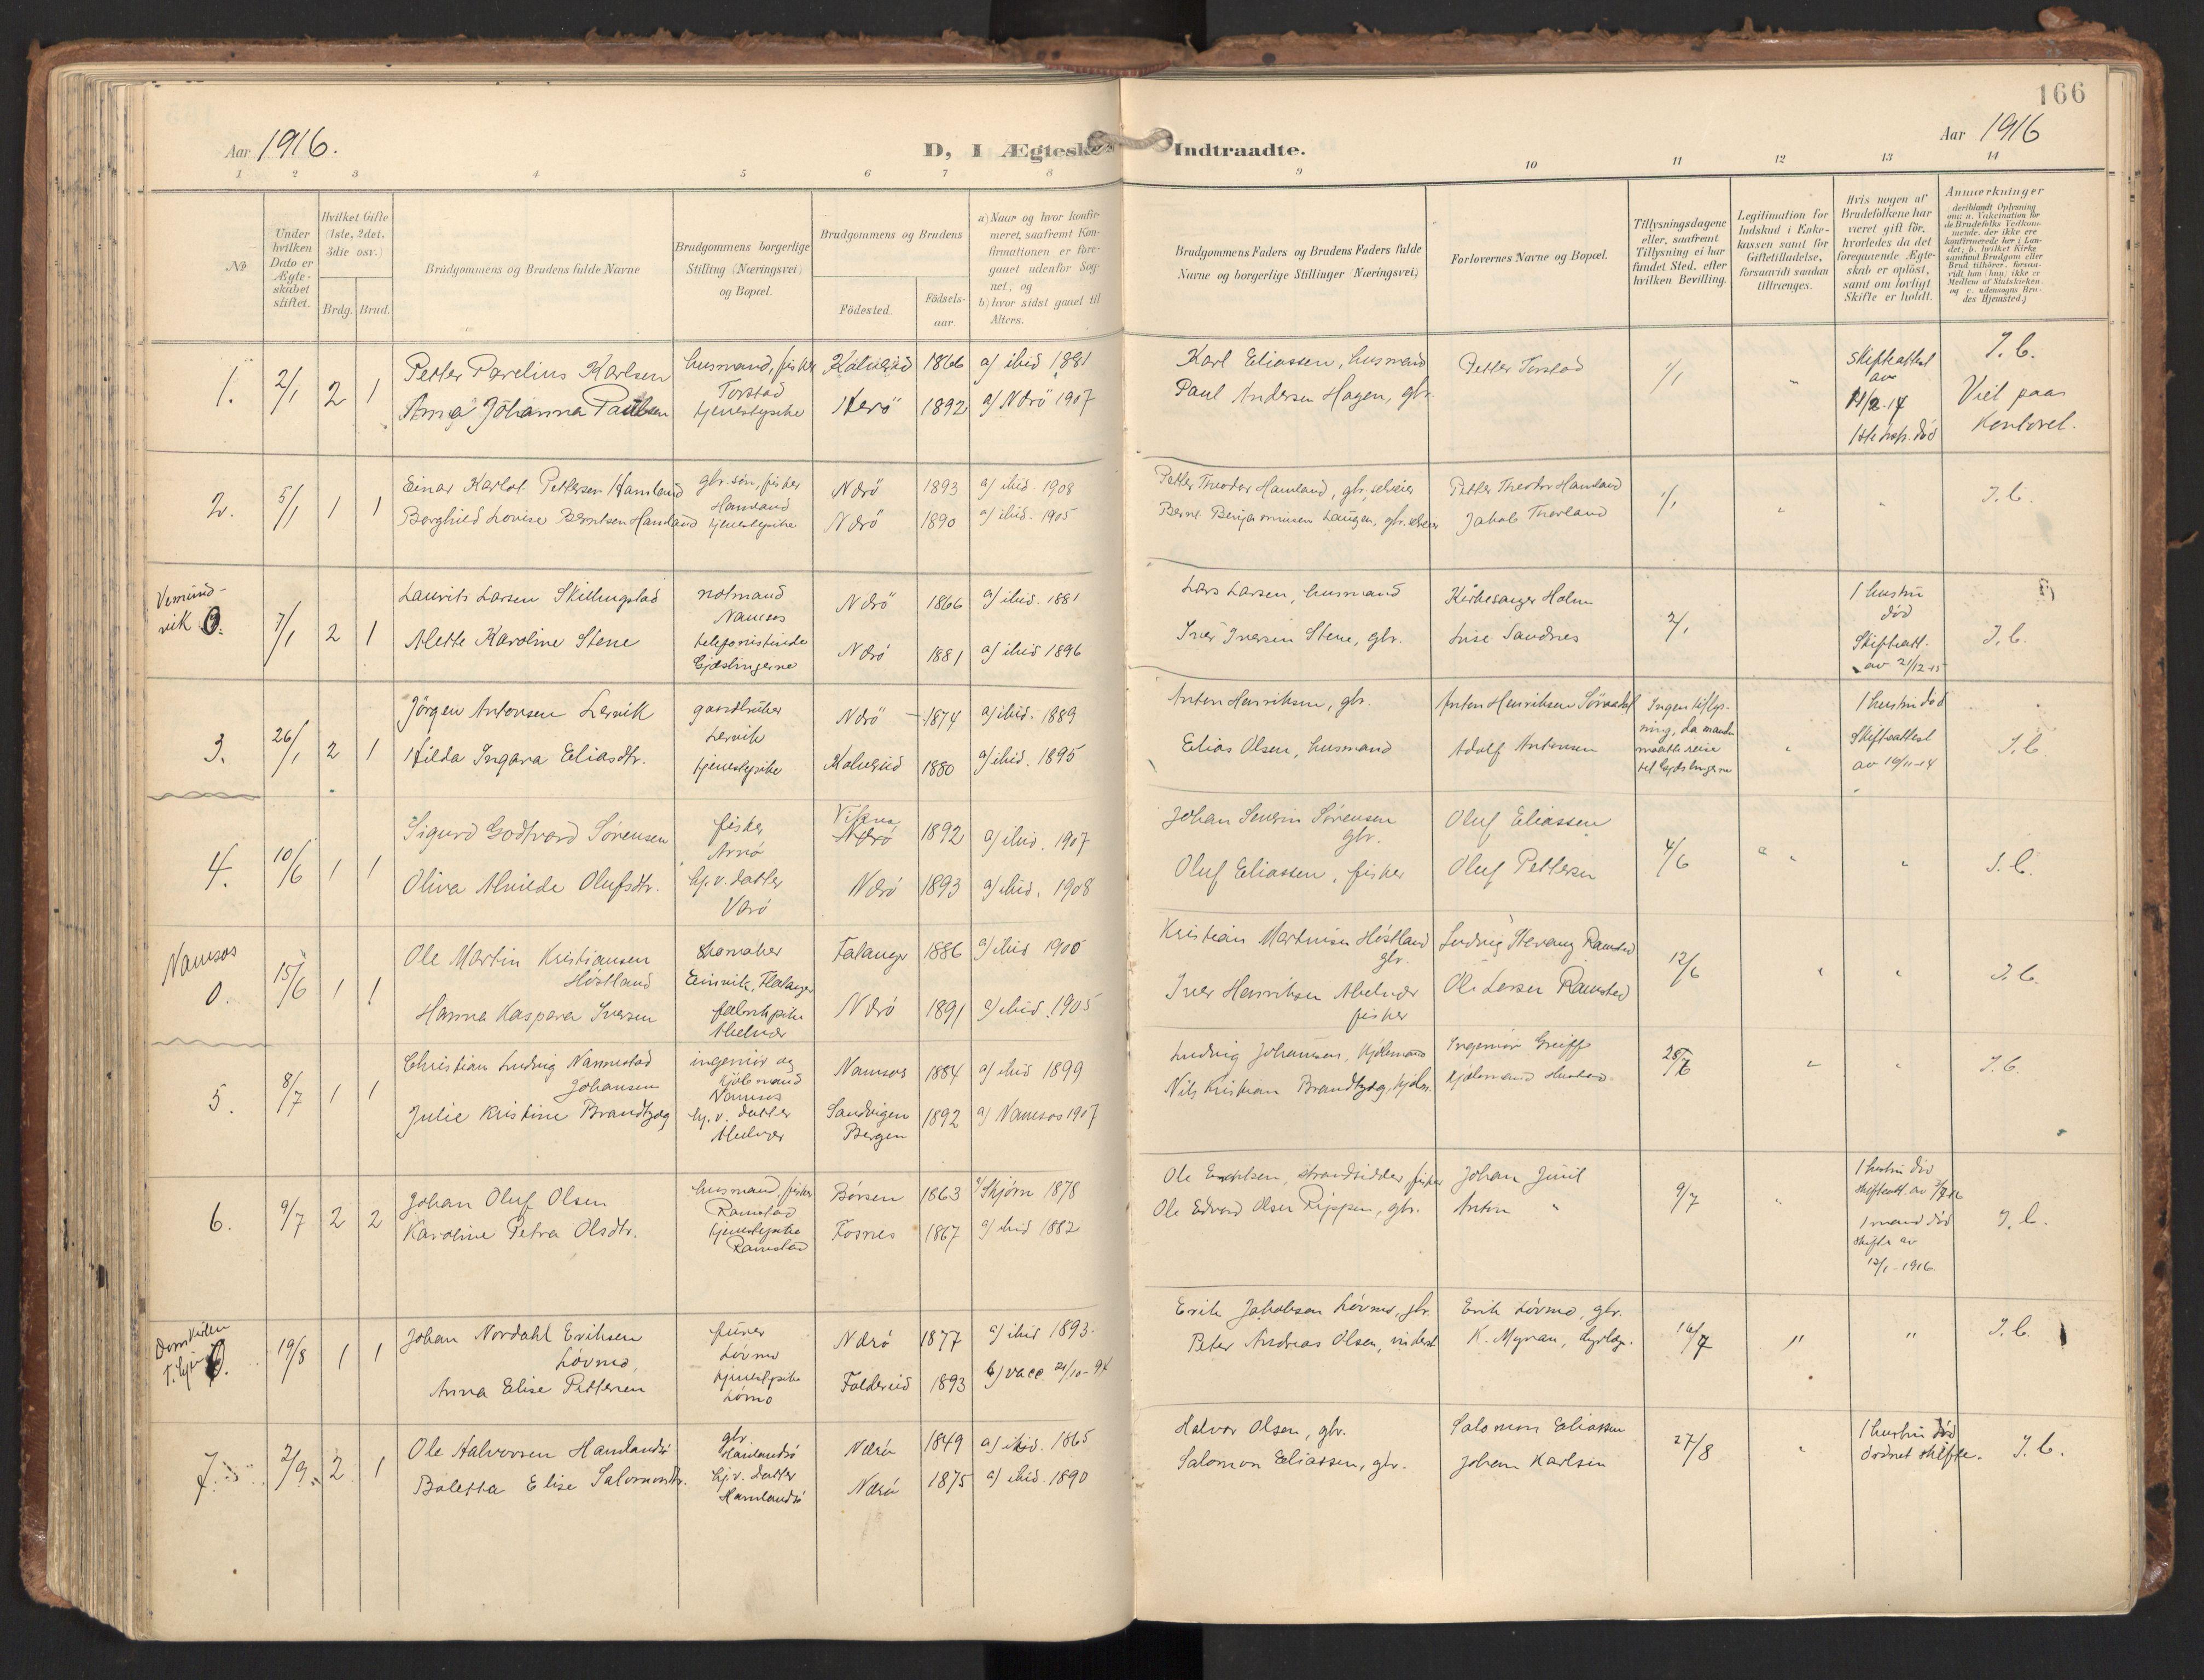 SAT, Ministerialprotokoller, klokkerbøker og fødselsregistre - Nord-Trøndelag, 784/L0677: Ministerialbok nr. 784A12, 1900-1920, s. 166